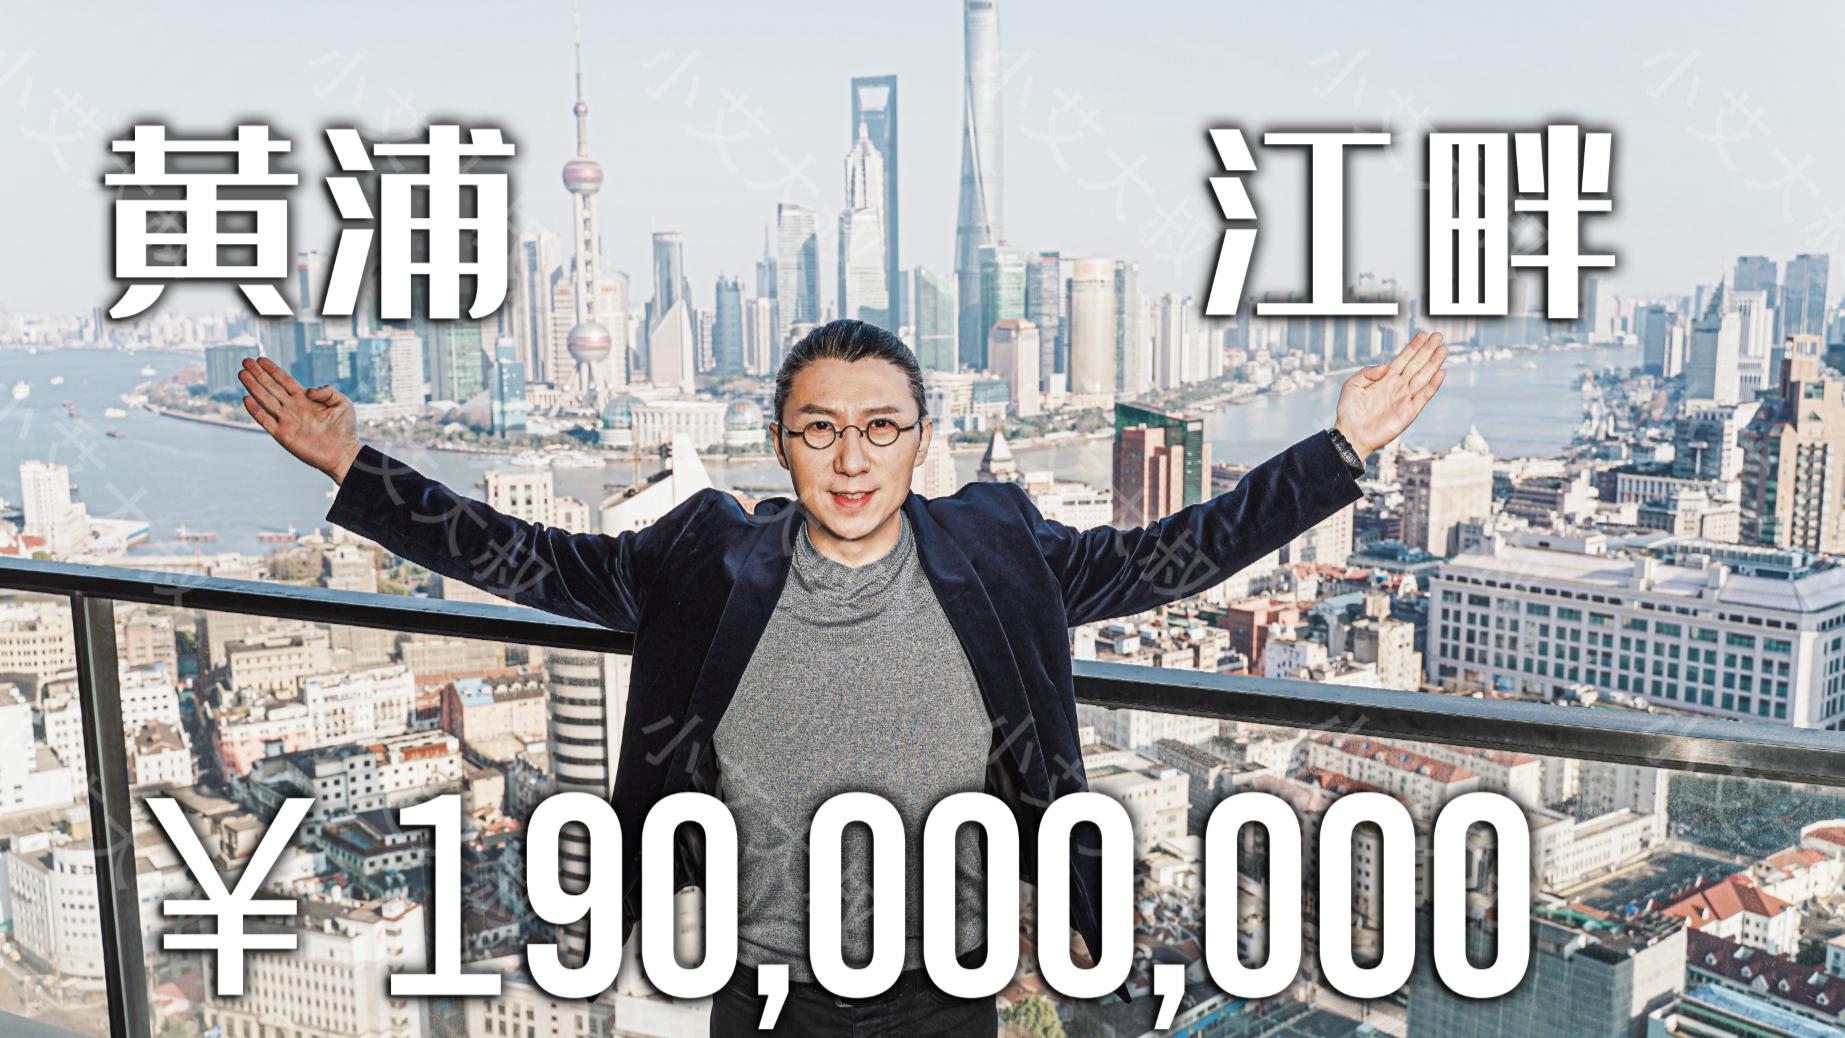 黄浦江畔1.9亿!陆家嘴外滩无敌江景唾手可得的豪宅长什么样